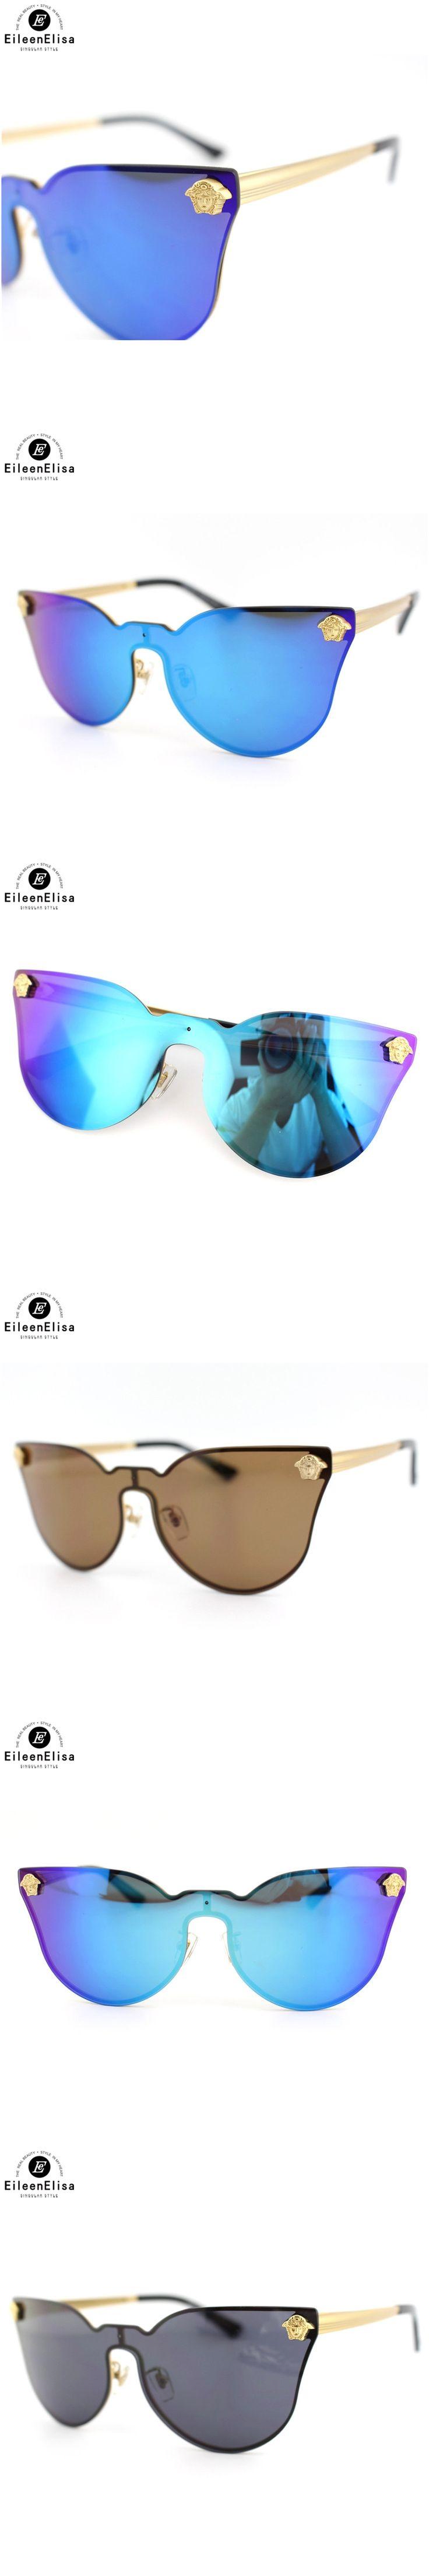 EE Fashion Classic Brand Design Sunglasses Men Driving Sun Glasses For Men Luxury Shades UV400 Oculos De Sol Masculino